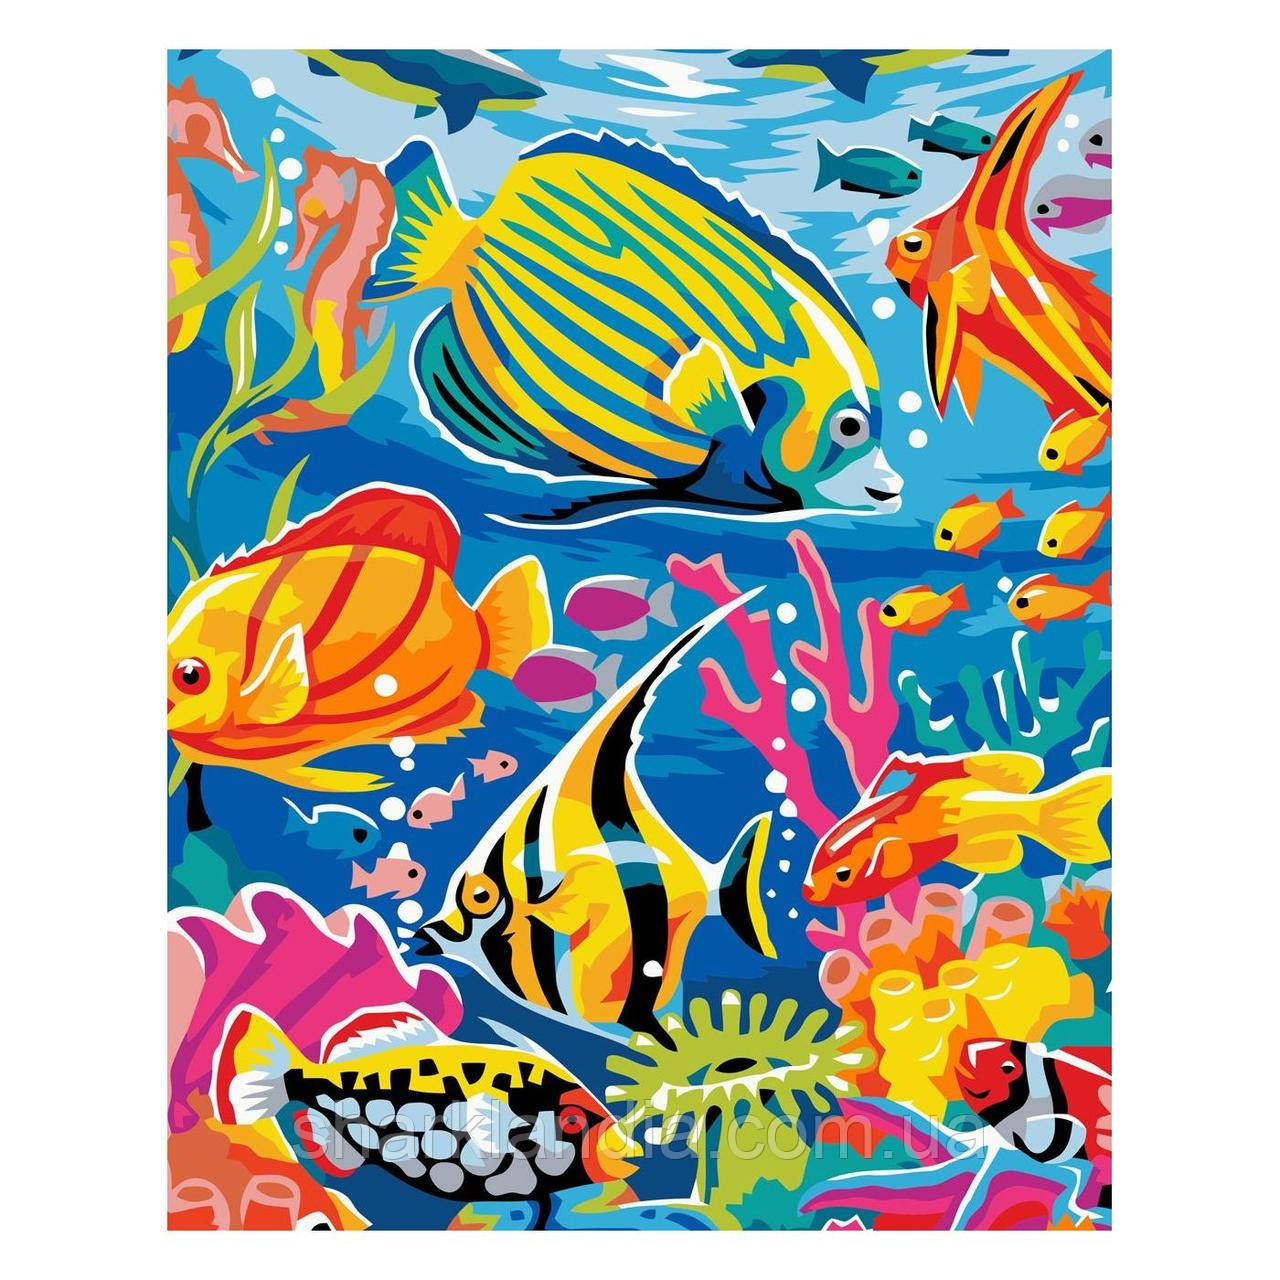 Картина по номерам Разноцветные рыбки 30х40 см Strateg Раскраски Подводный мир Для начинающих